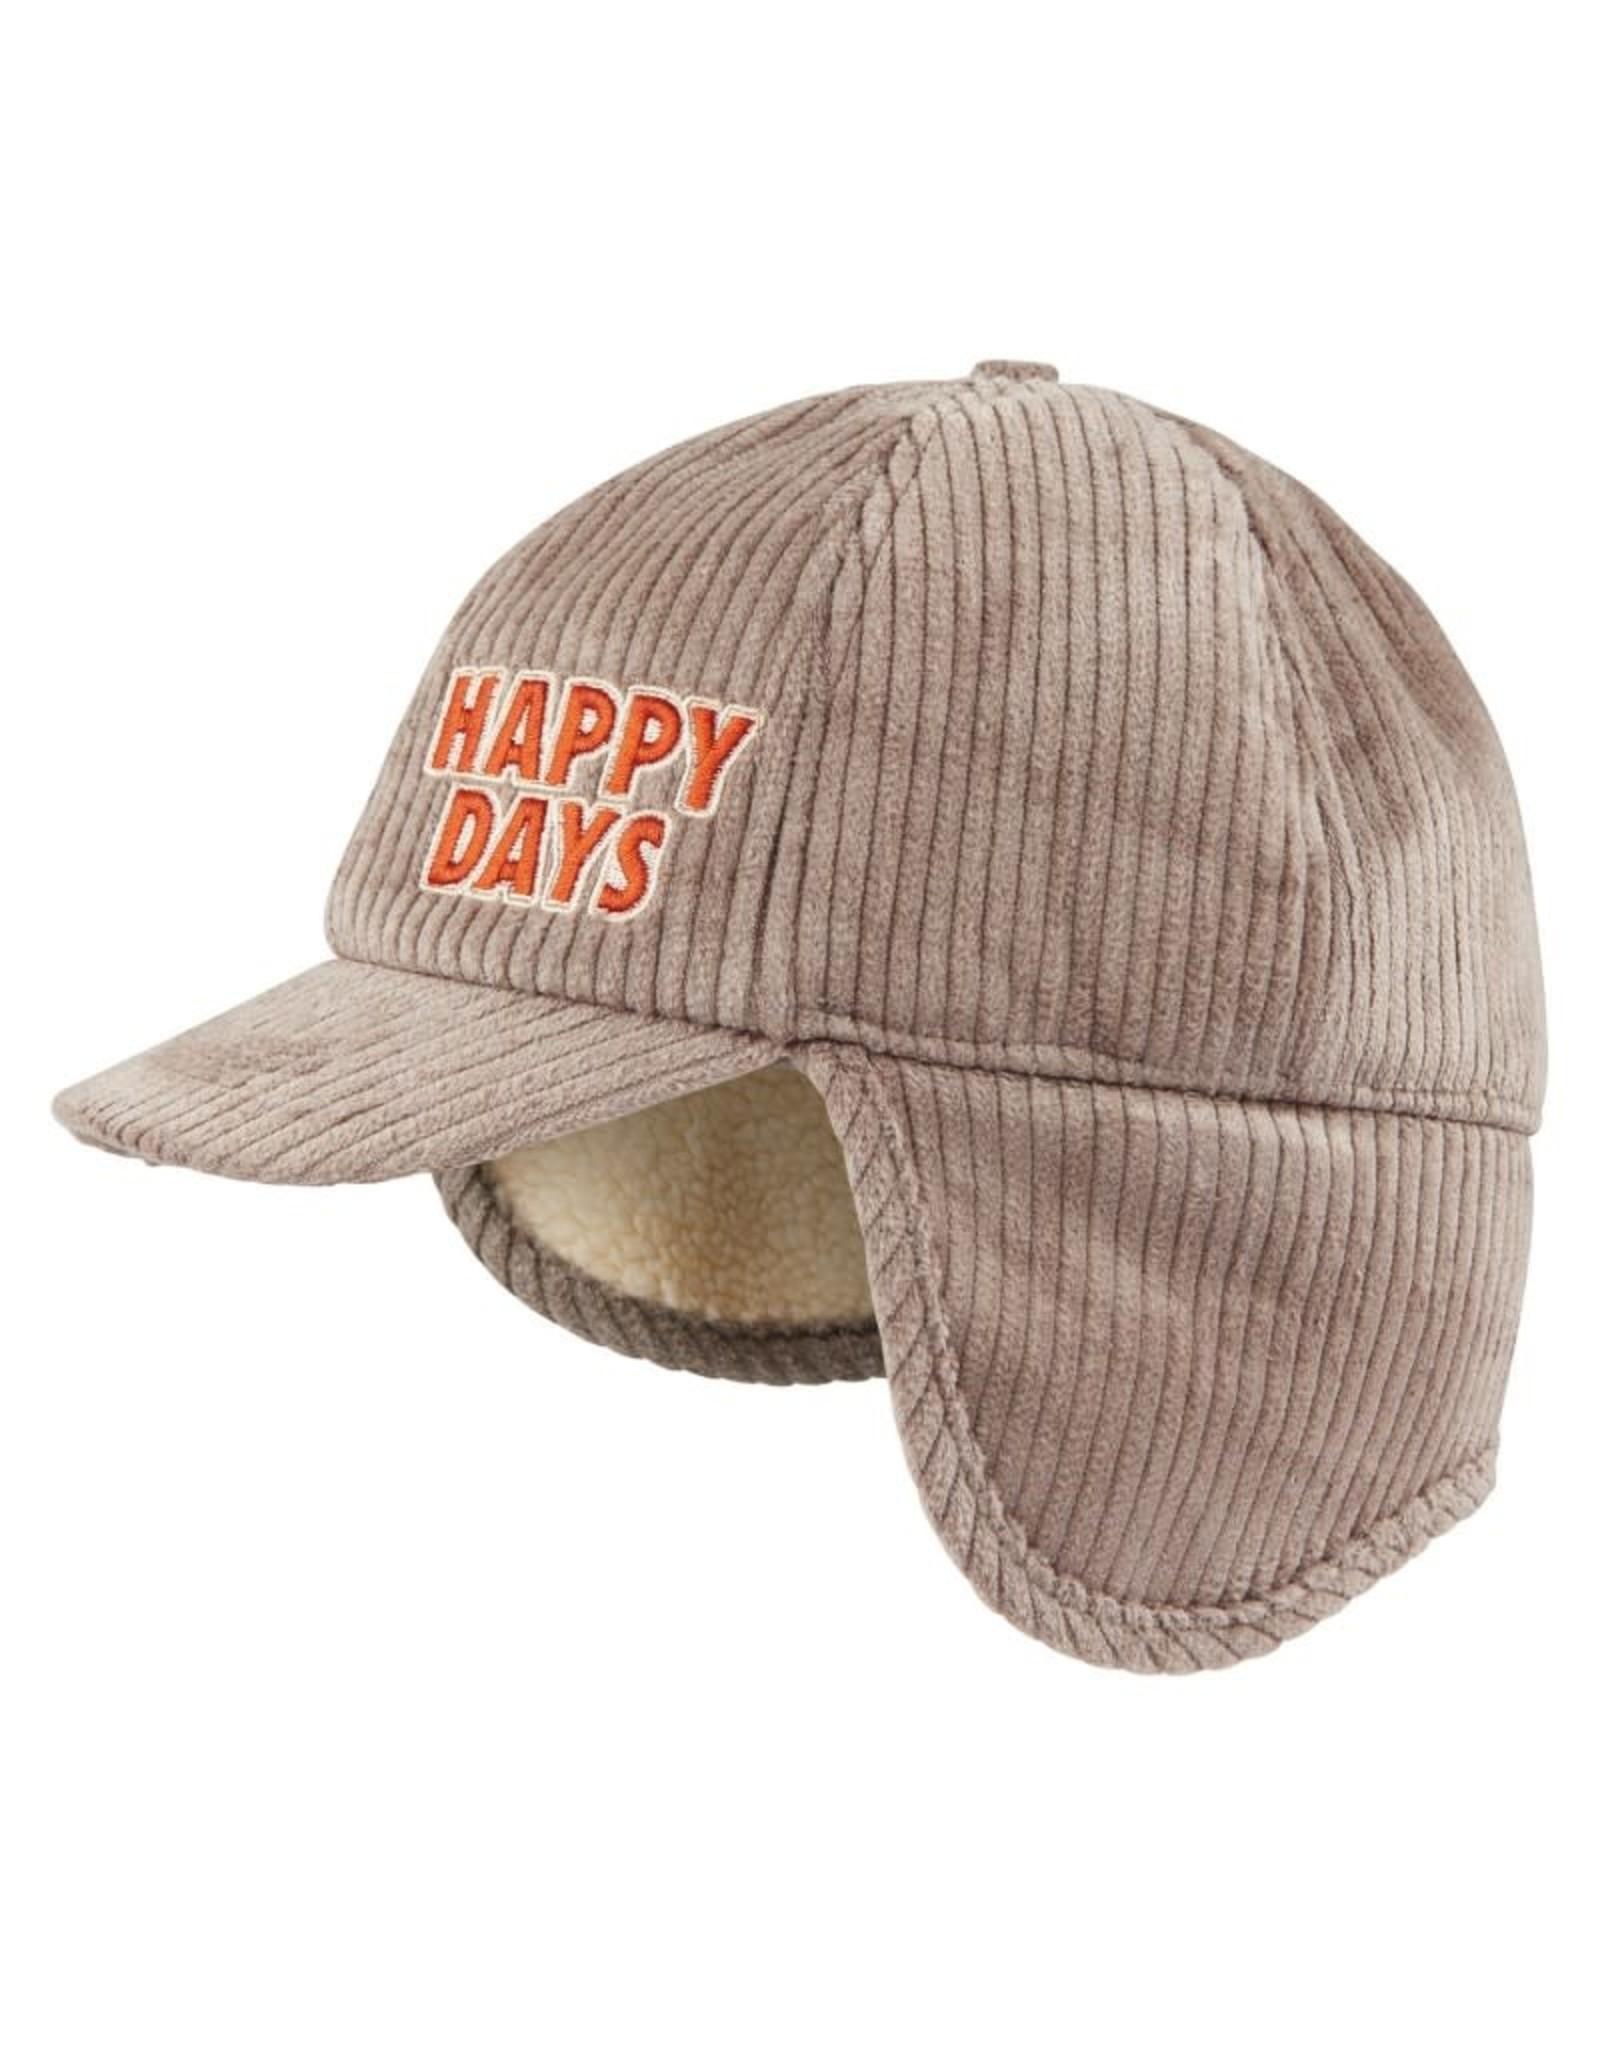 Carlijn Q Carlijn Q Caps happy days